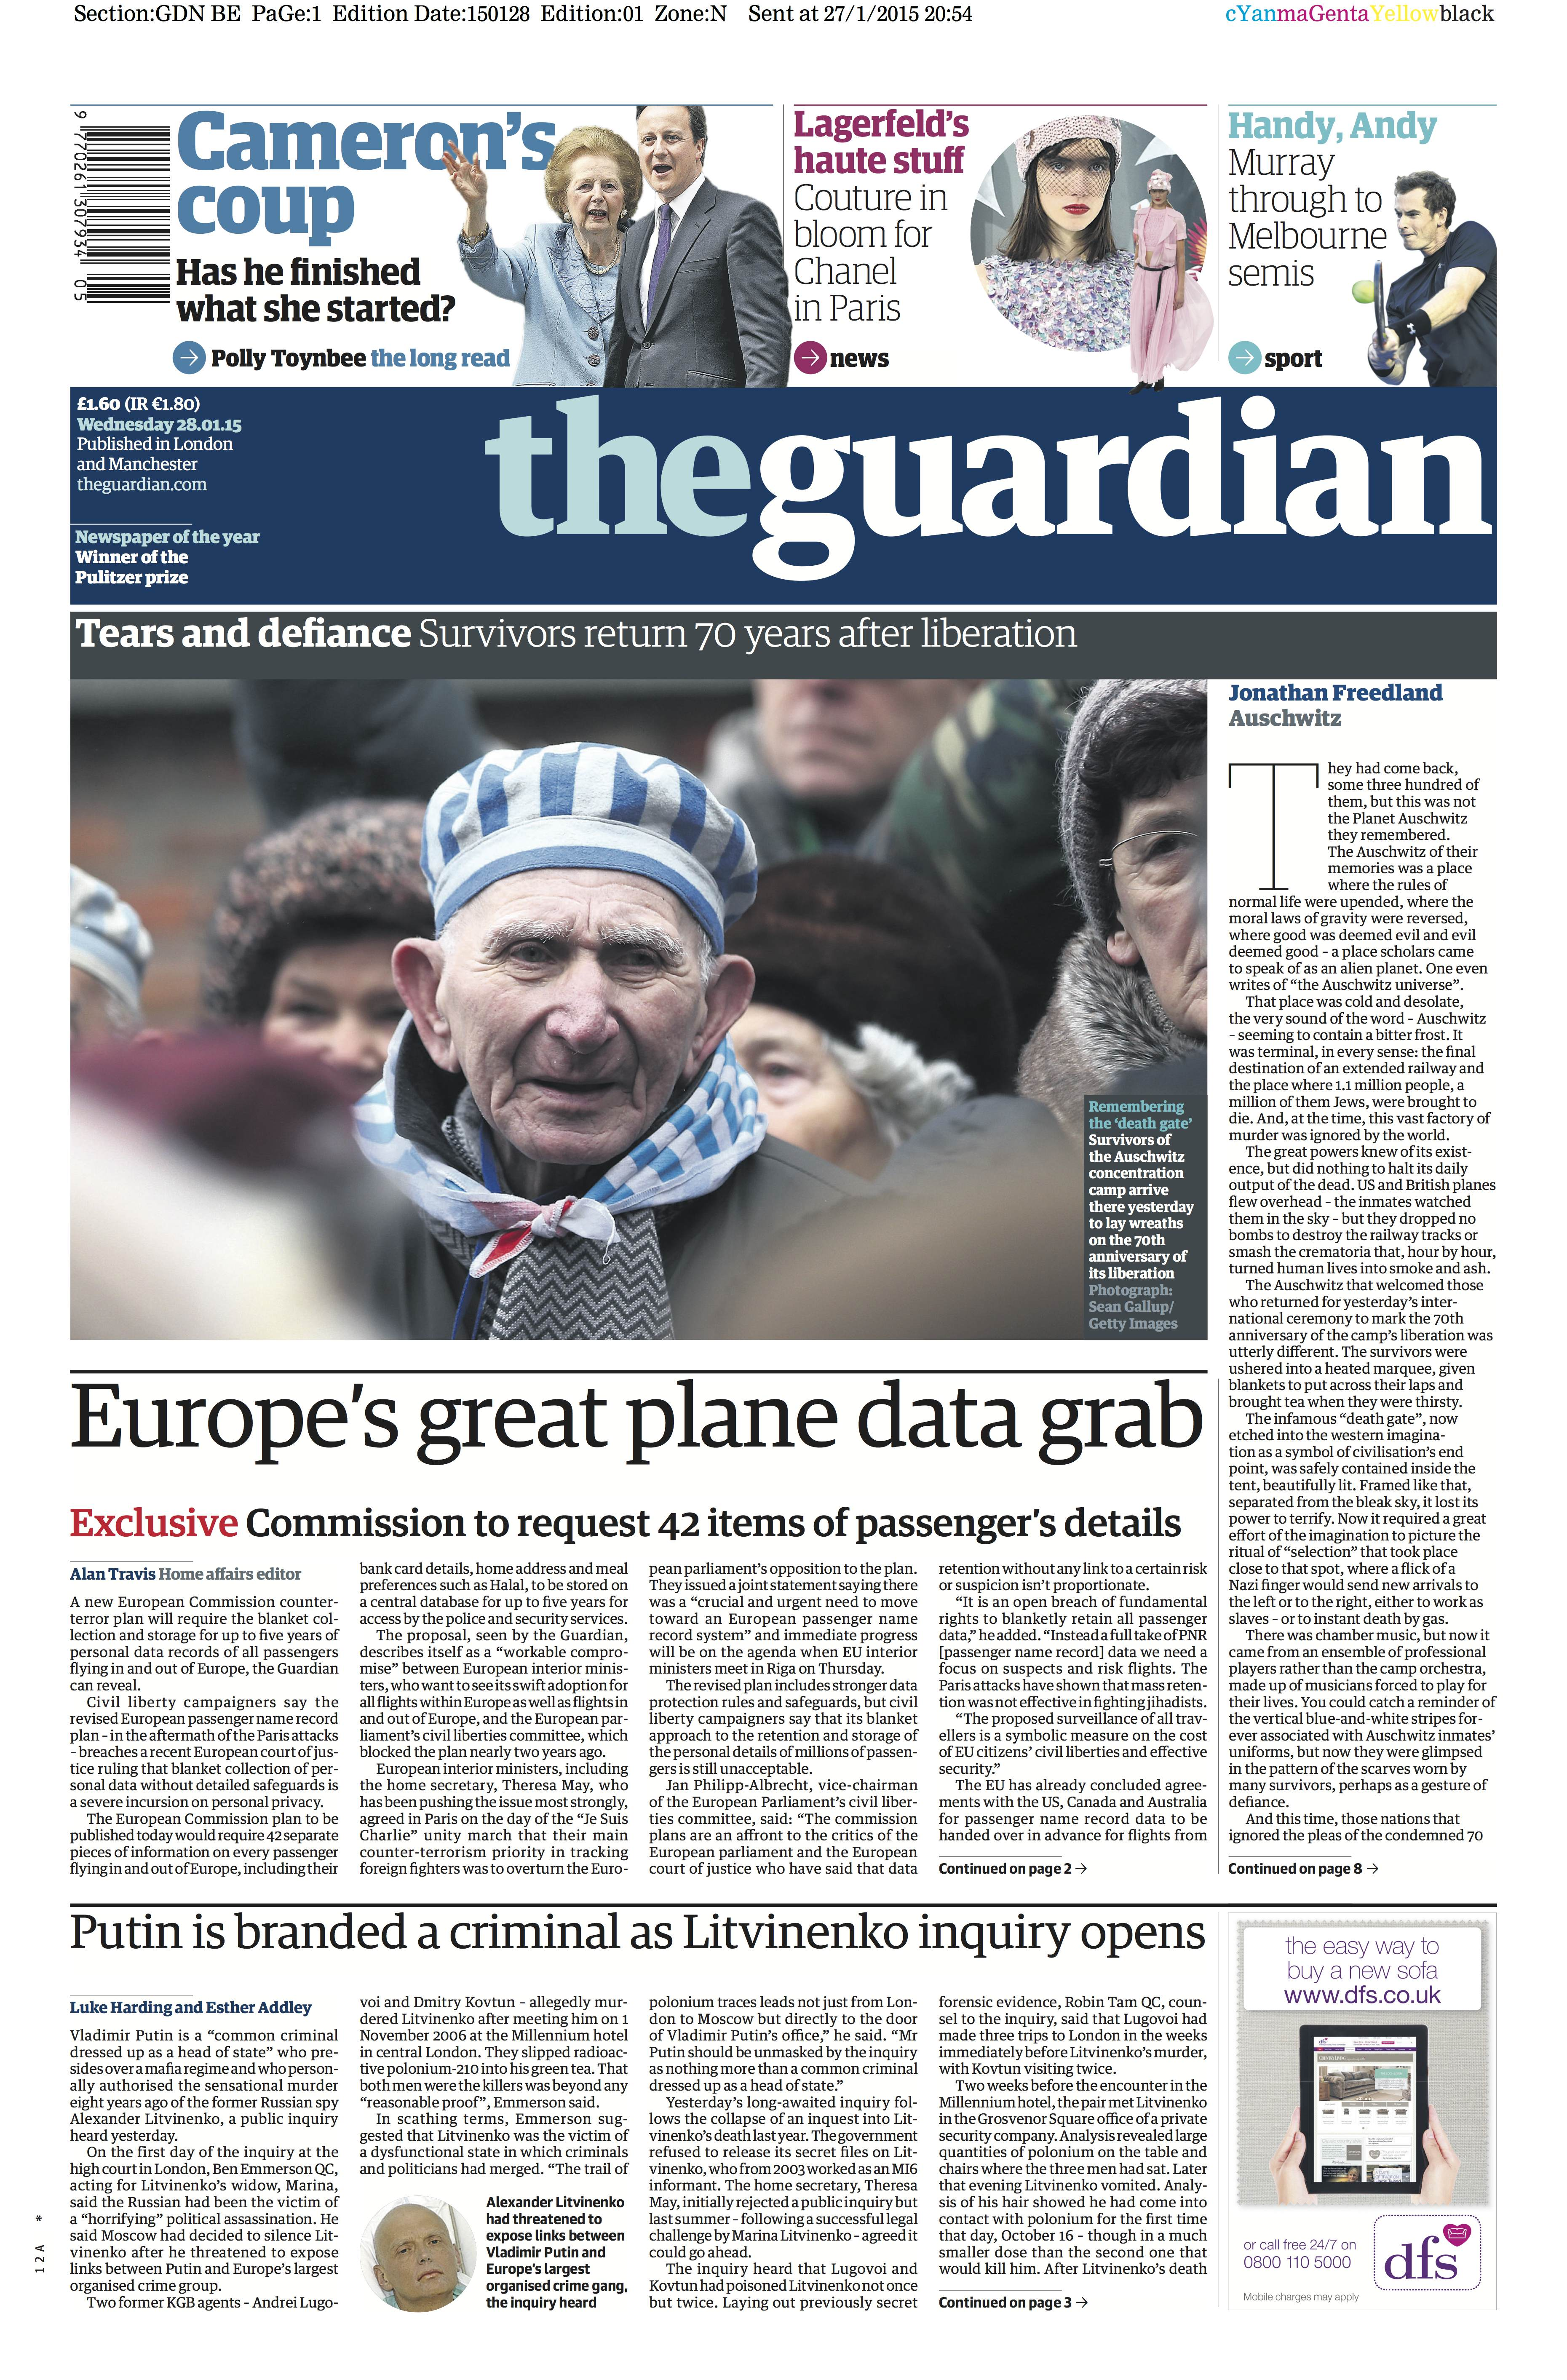 """Heutige Titelseite des Guardian: """"Europas großer Griff nach Flugdaten."""""""